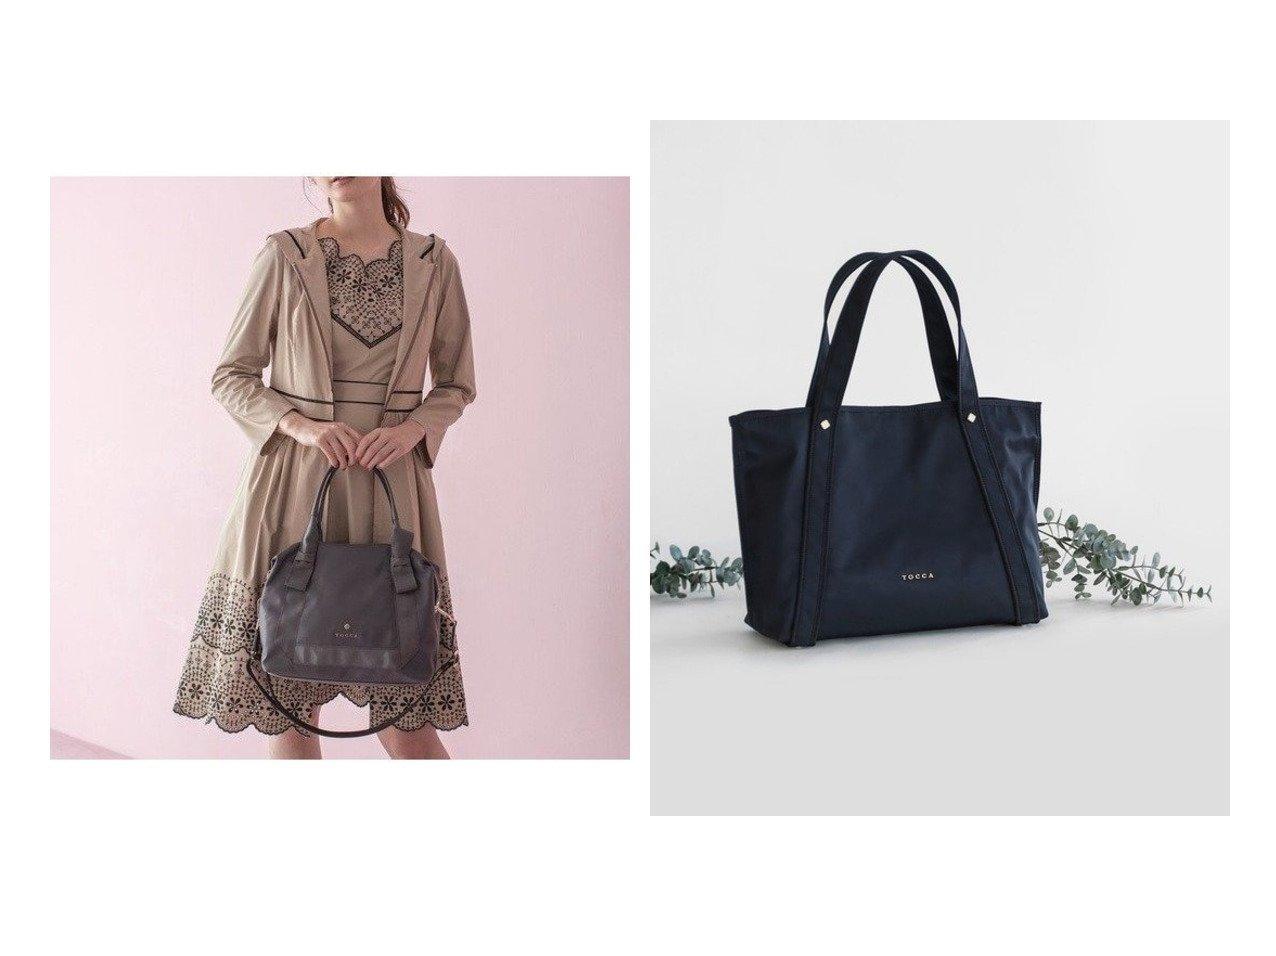 【TOCCA/トッカ】のRIBBON HANDLE ナイロンバッグ&AVENUE ナイロンバッグ TOCCAのおすすめ!人気、トレンド・レディースファッションの通販  おすすめで人気の流行・トレンド、ファッションの通販商品 メンズファッション・キッズファッション・インテリア・家具・レディースファッション・服の通販 founy(ファニー) https://founy.com/ ファッション Fashion レディースファッション WOMEN バッグ Bag 送料無料 Free Shipping 2021年 2021 2021 春夏 S/S SS Spring/Summer 2021 S/S 春夏 SS Spring/Summer リボン リュクス 軽量 シンプル トリミング メタル モチーフ ラップ  ID:crp329100000017775